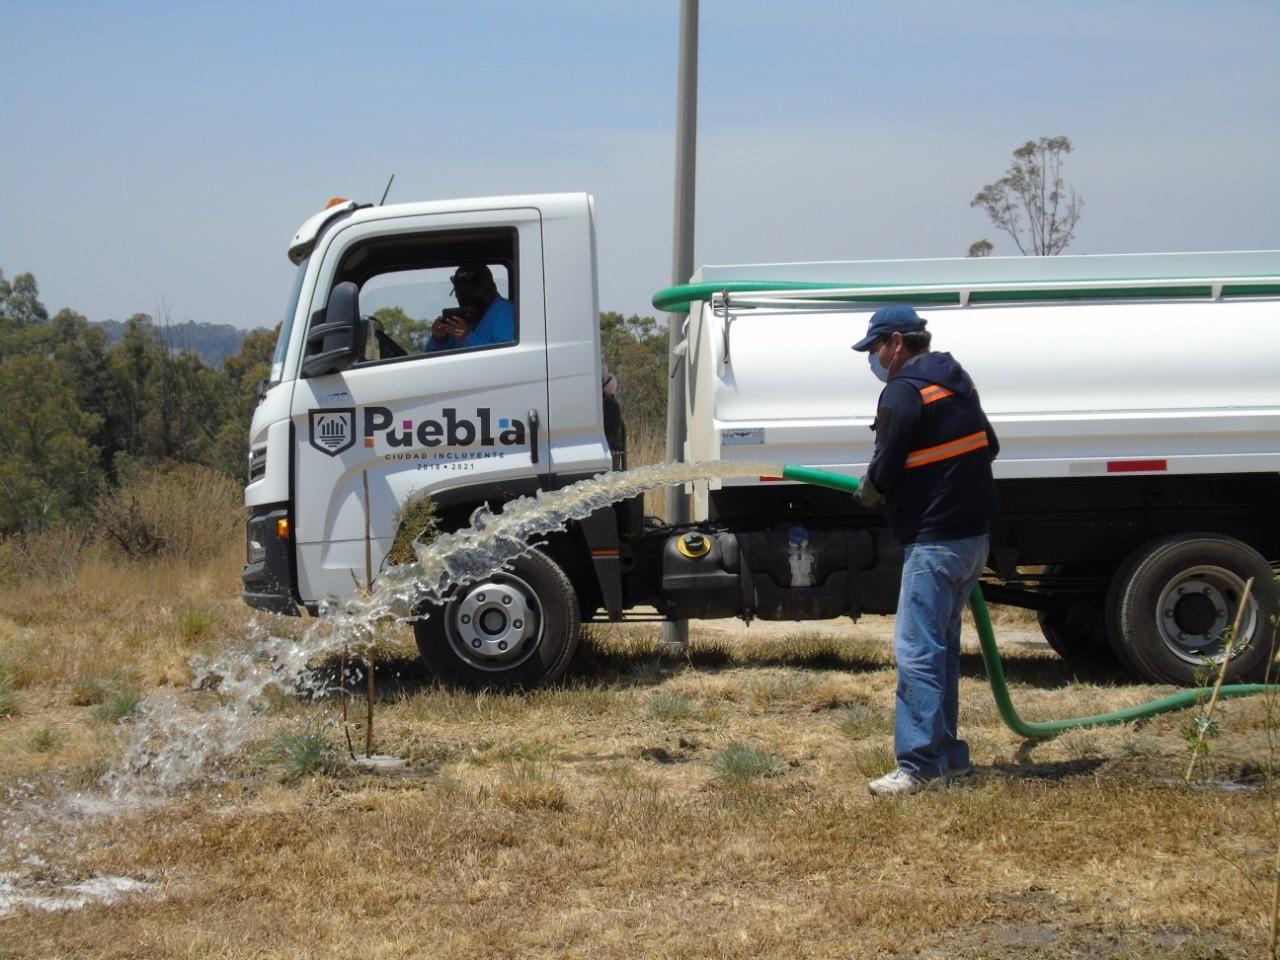 Ayuntamiento de Puebla reutiliza agua tratada para riego en parques y áreas verdes